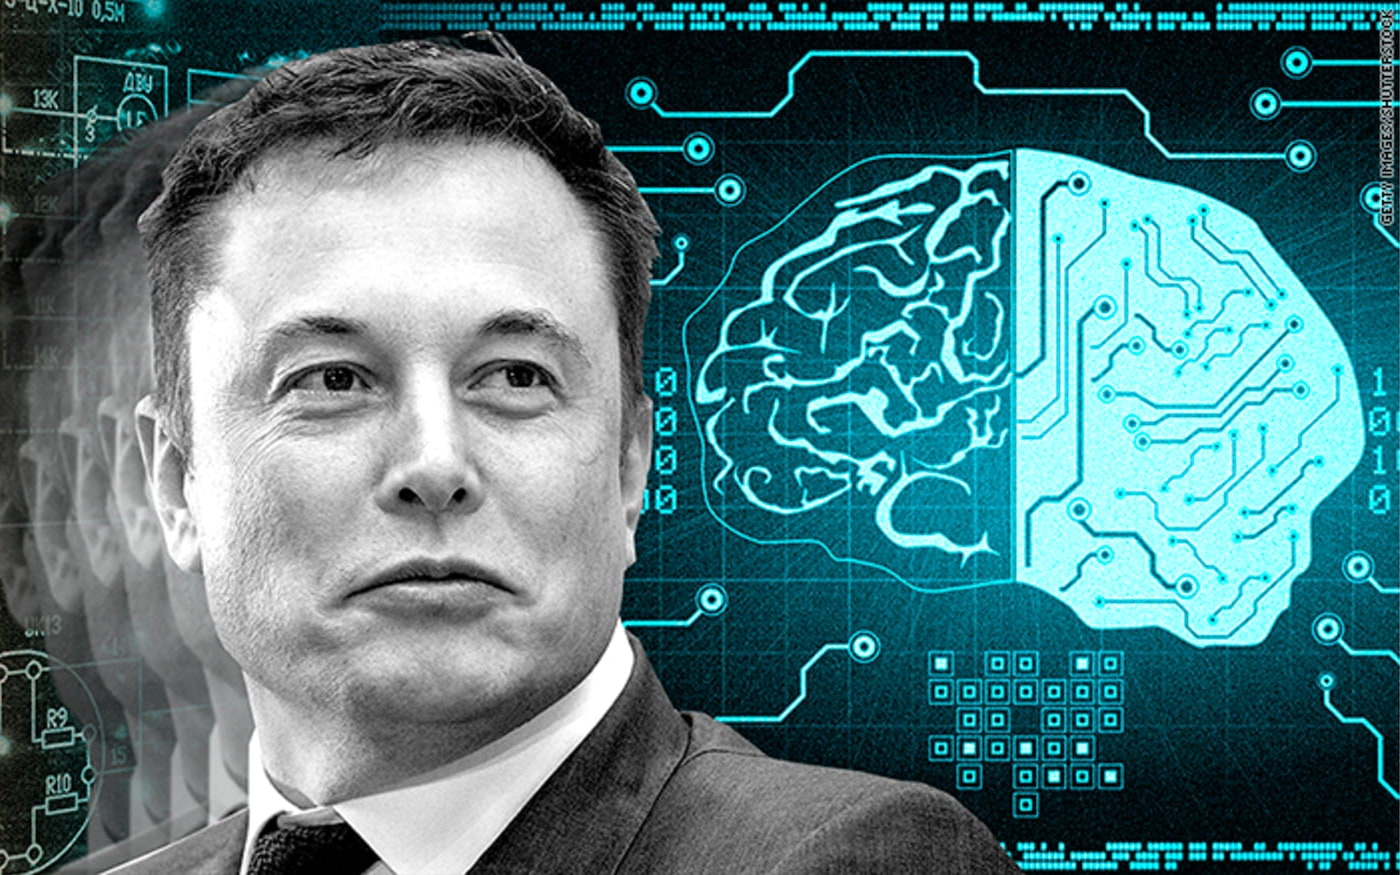 Elon Musk quer lançar em 2020 sensor que conecta cérebro humano a máquina